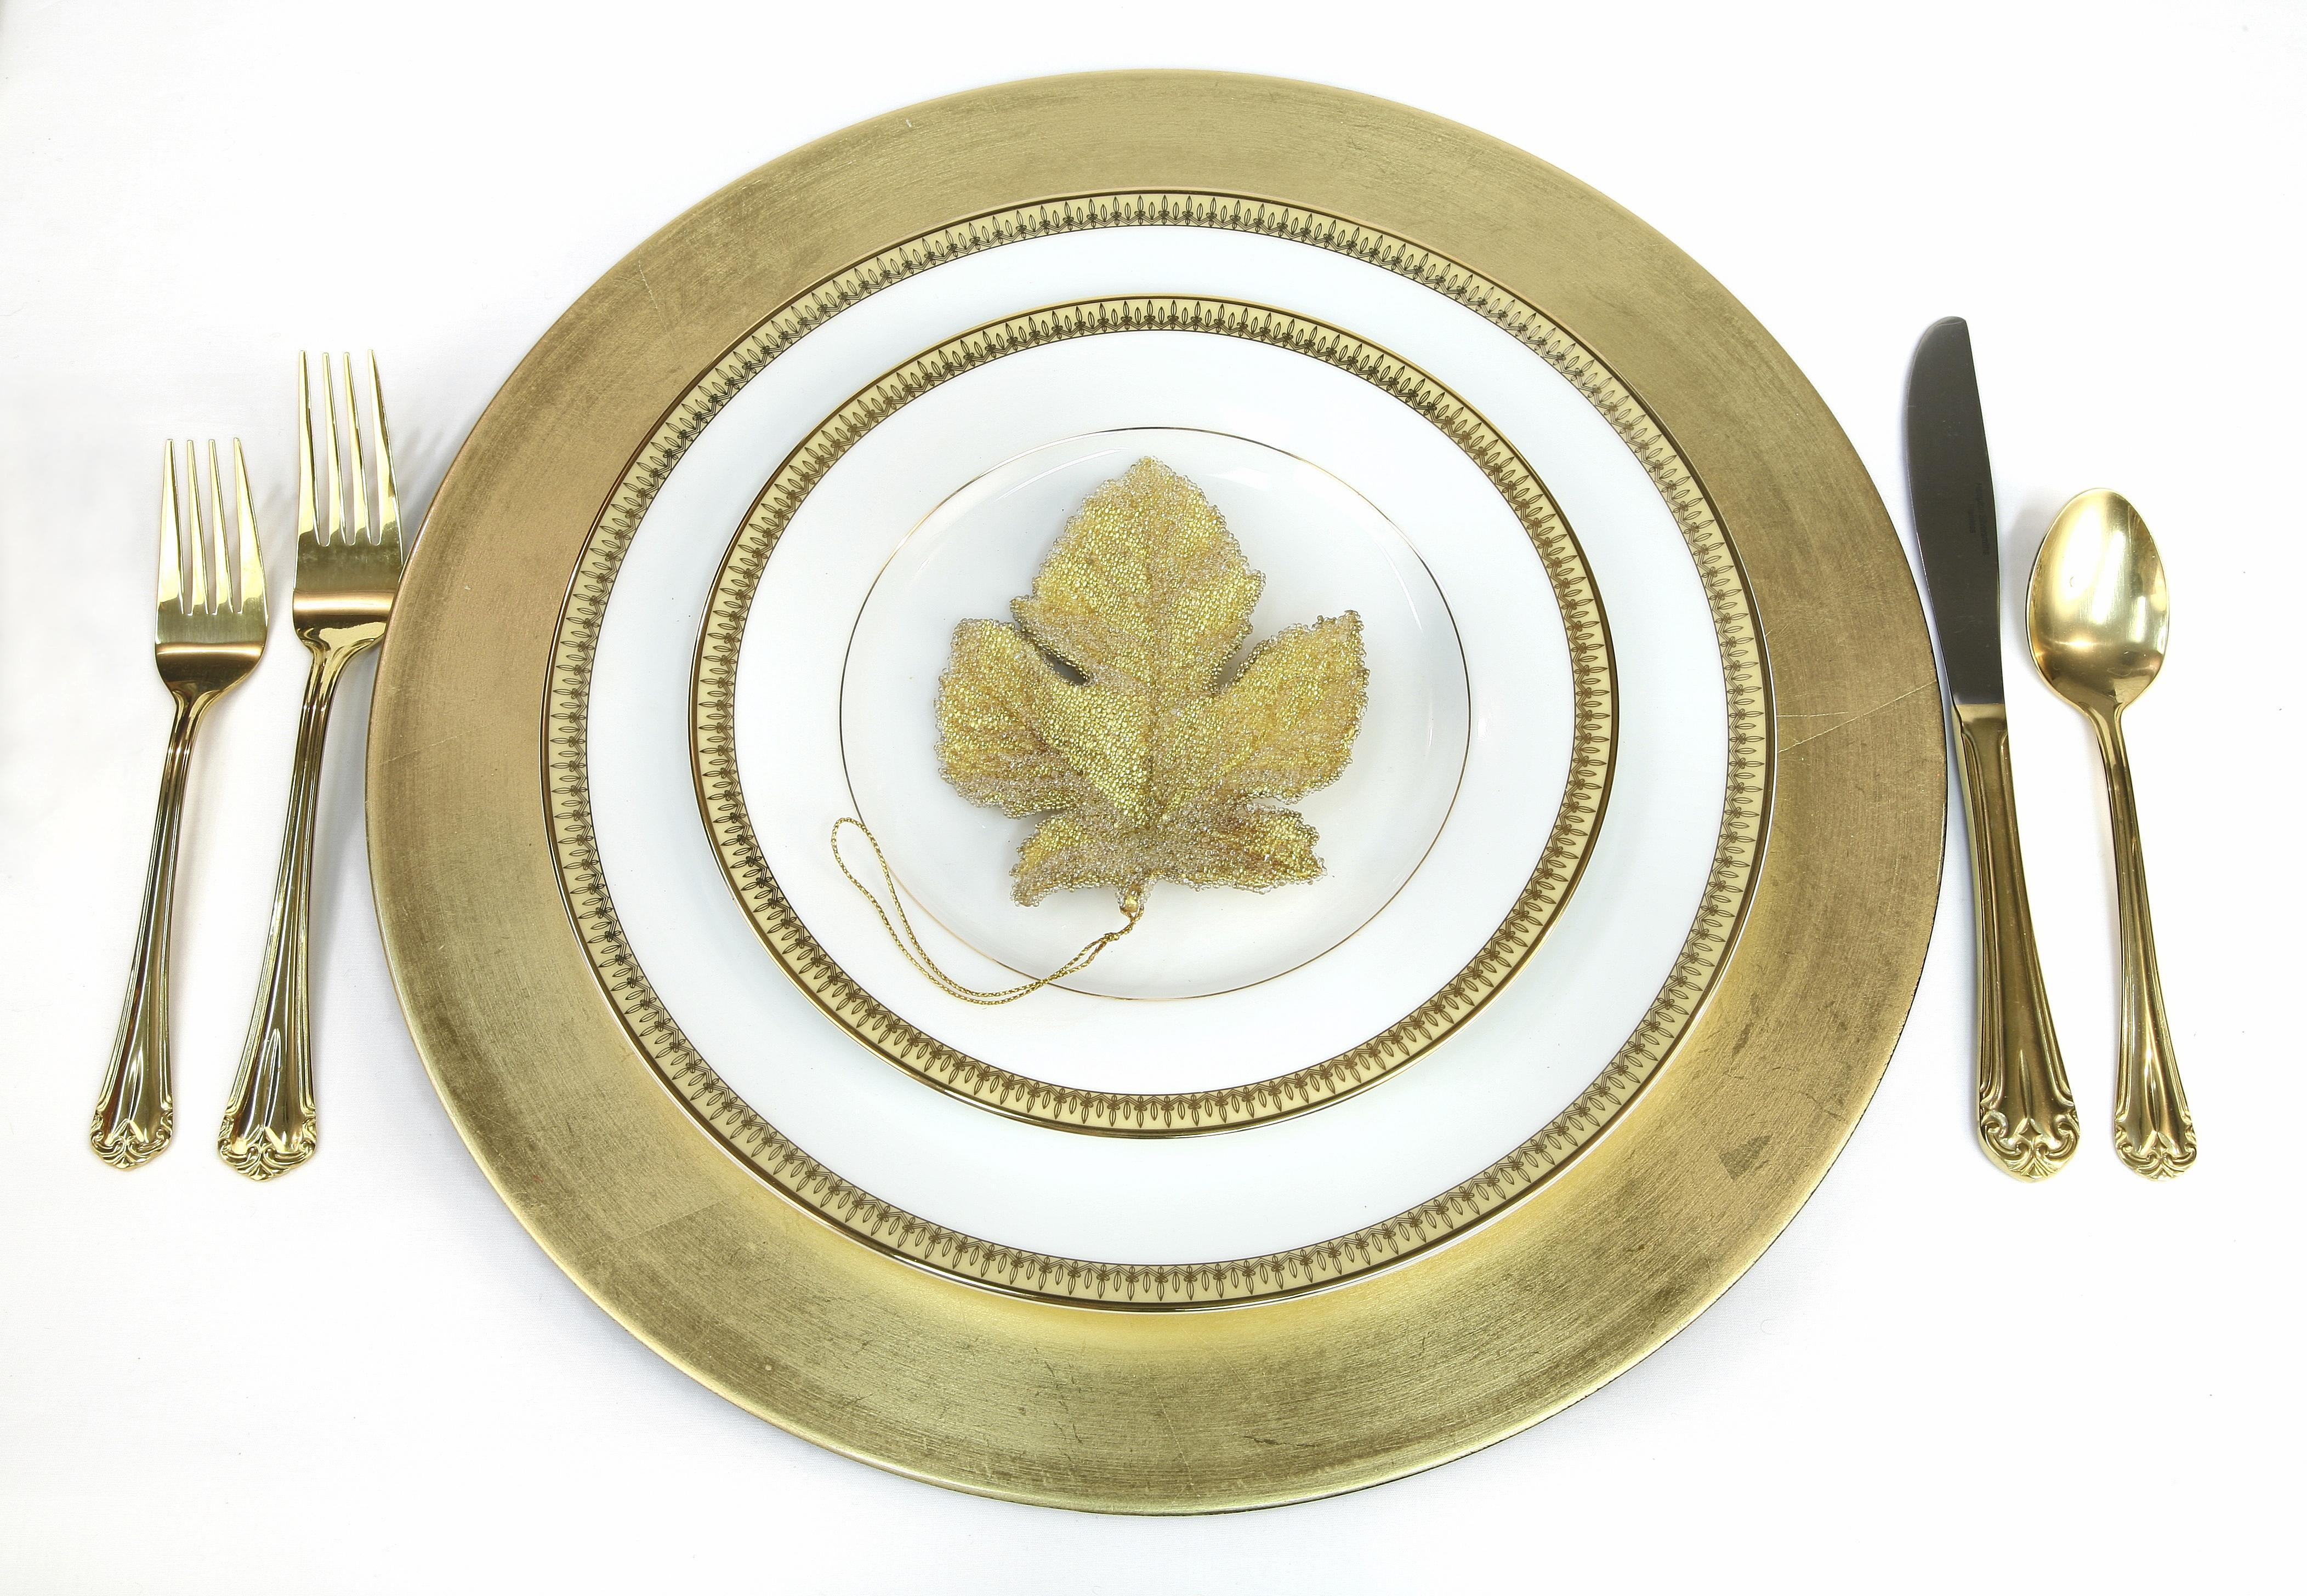 China and silverware may contain high karat gold.